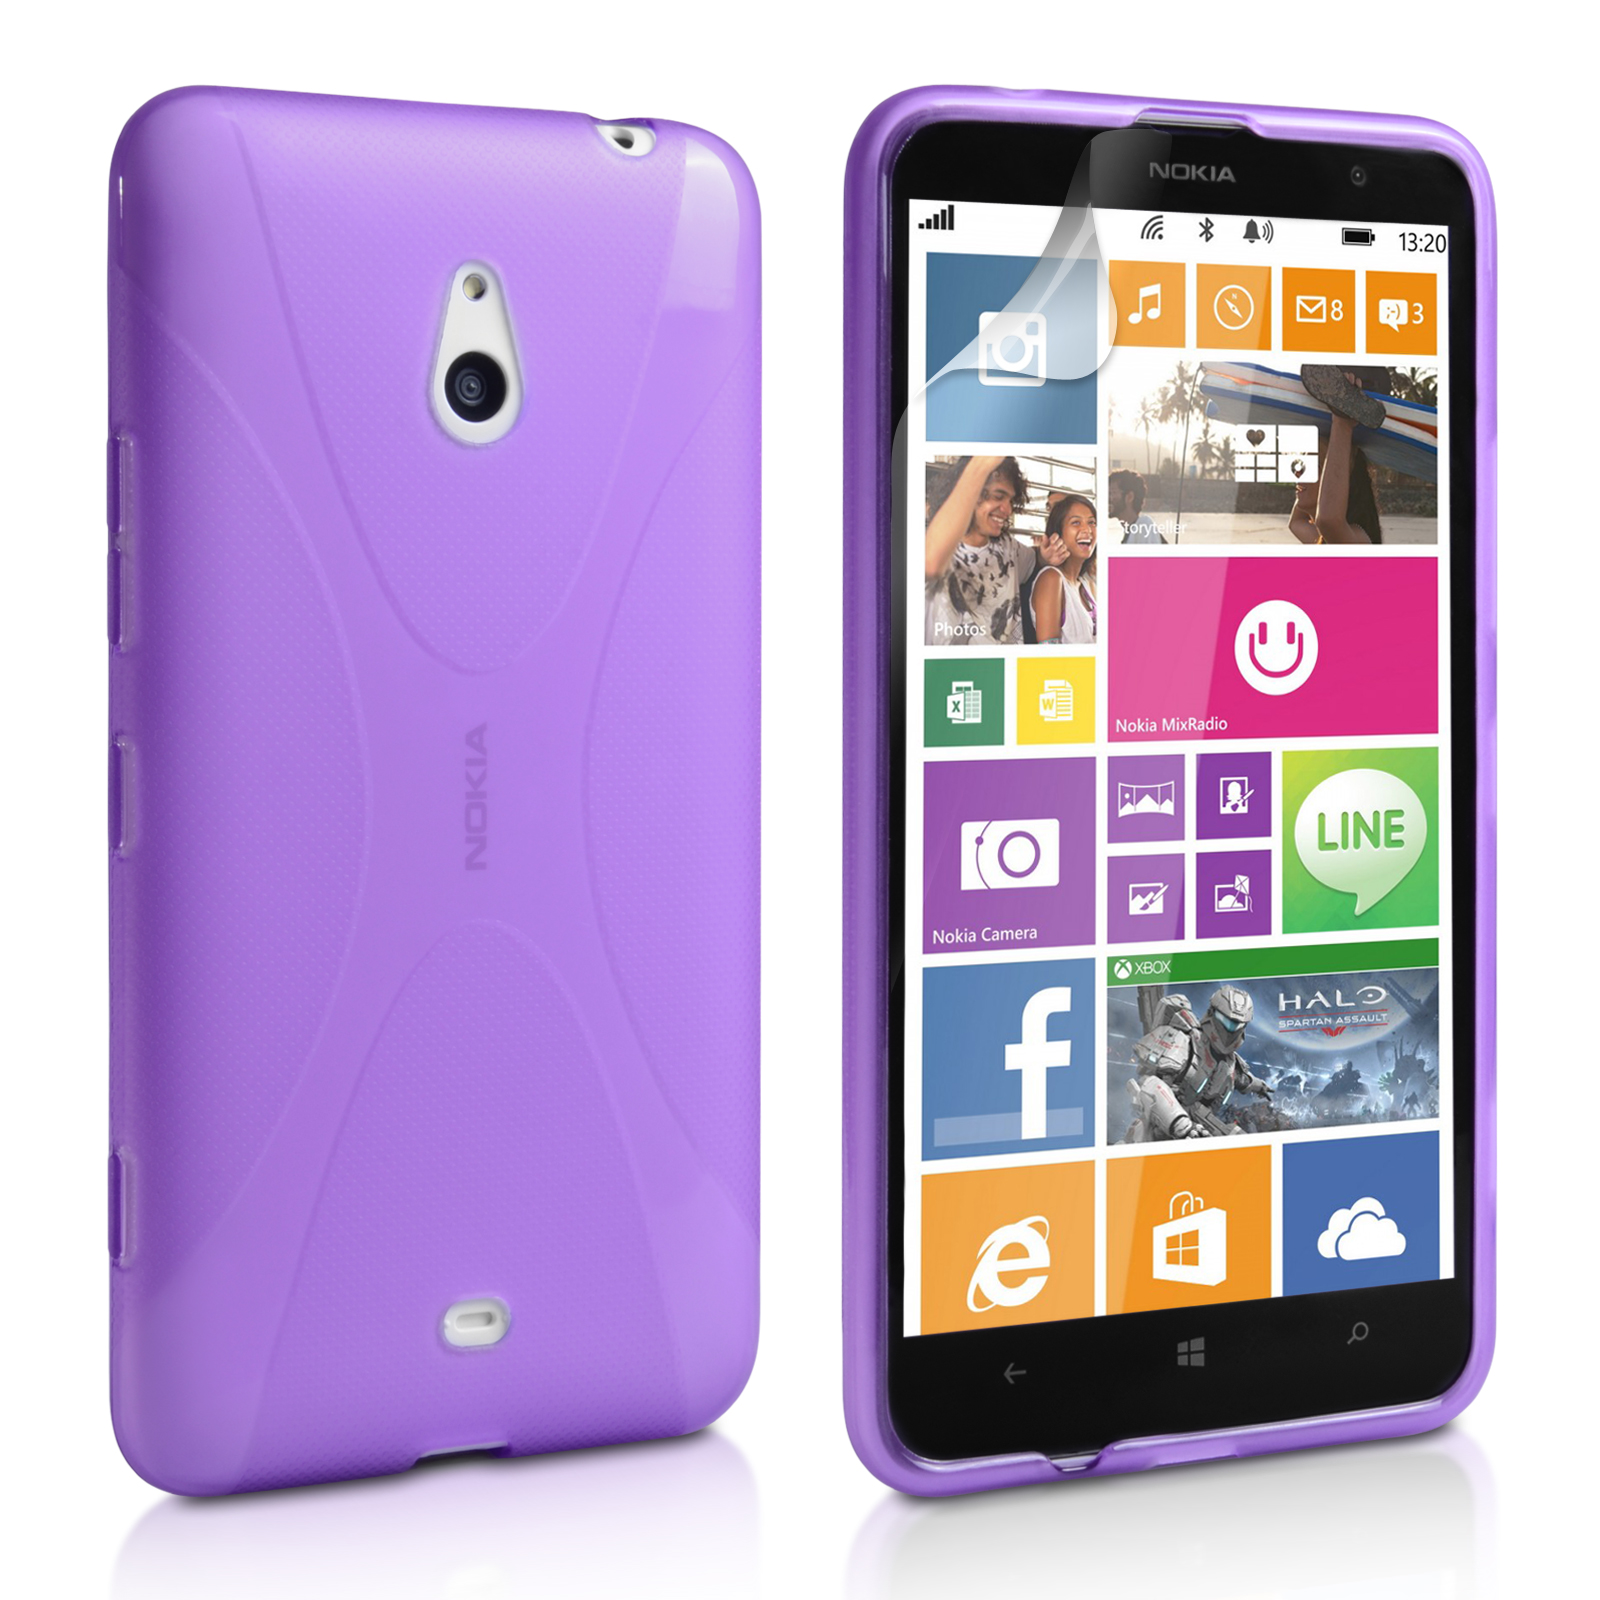 Θήκη Nokia Lumia 1320 by YouSave (Z278)